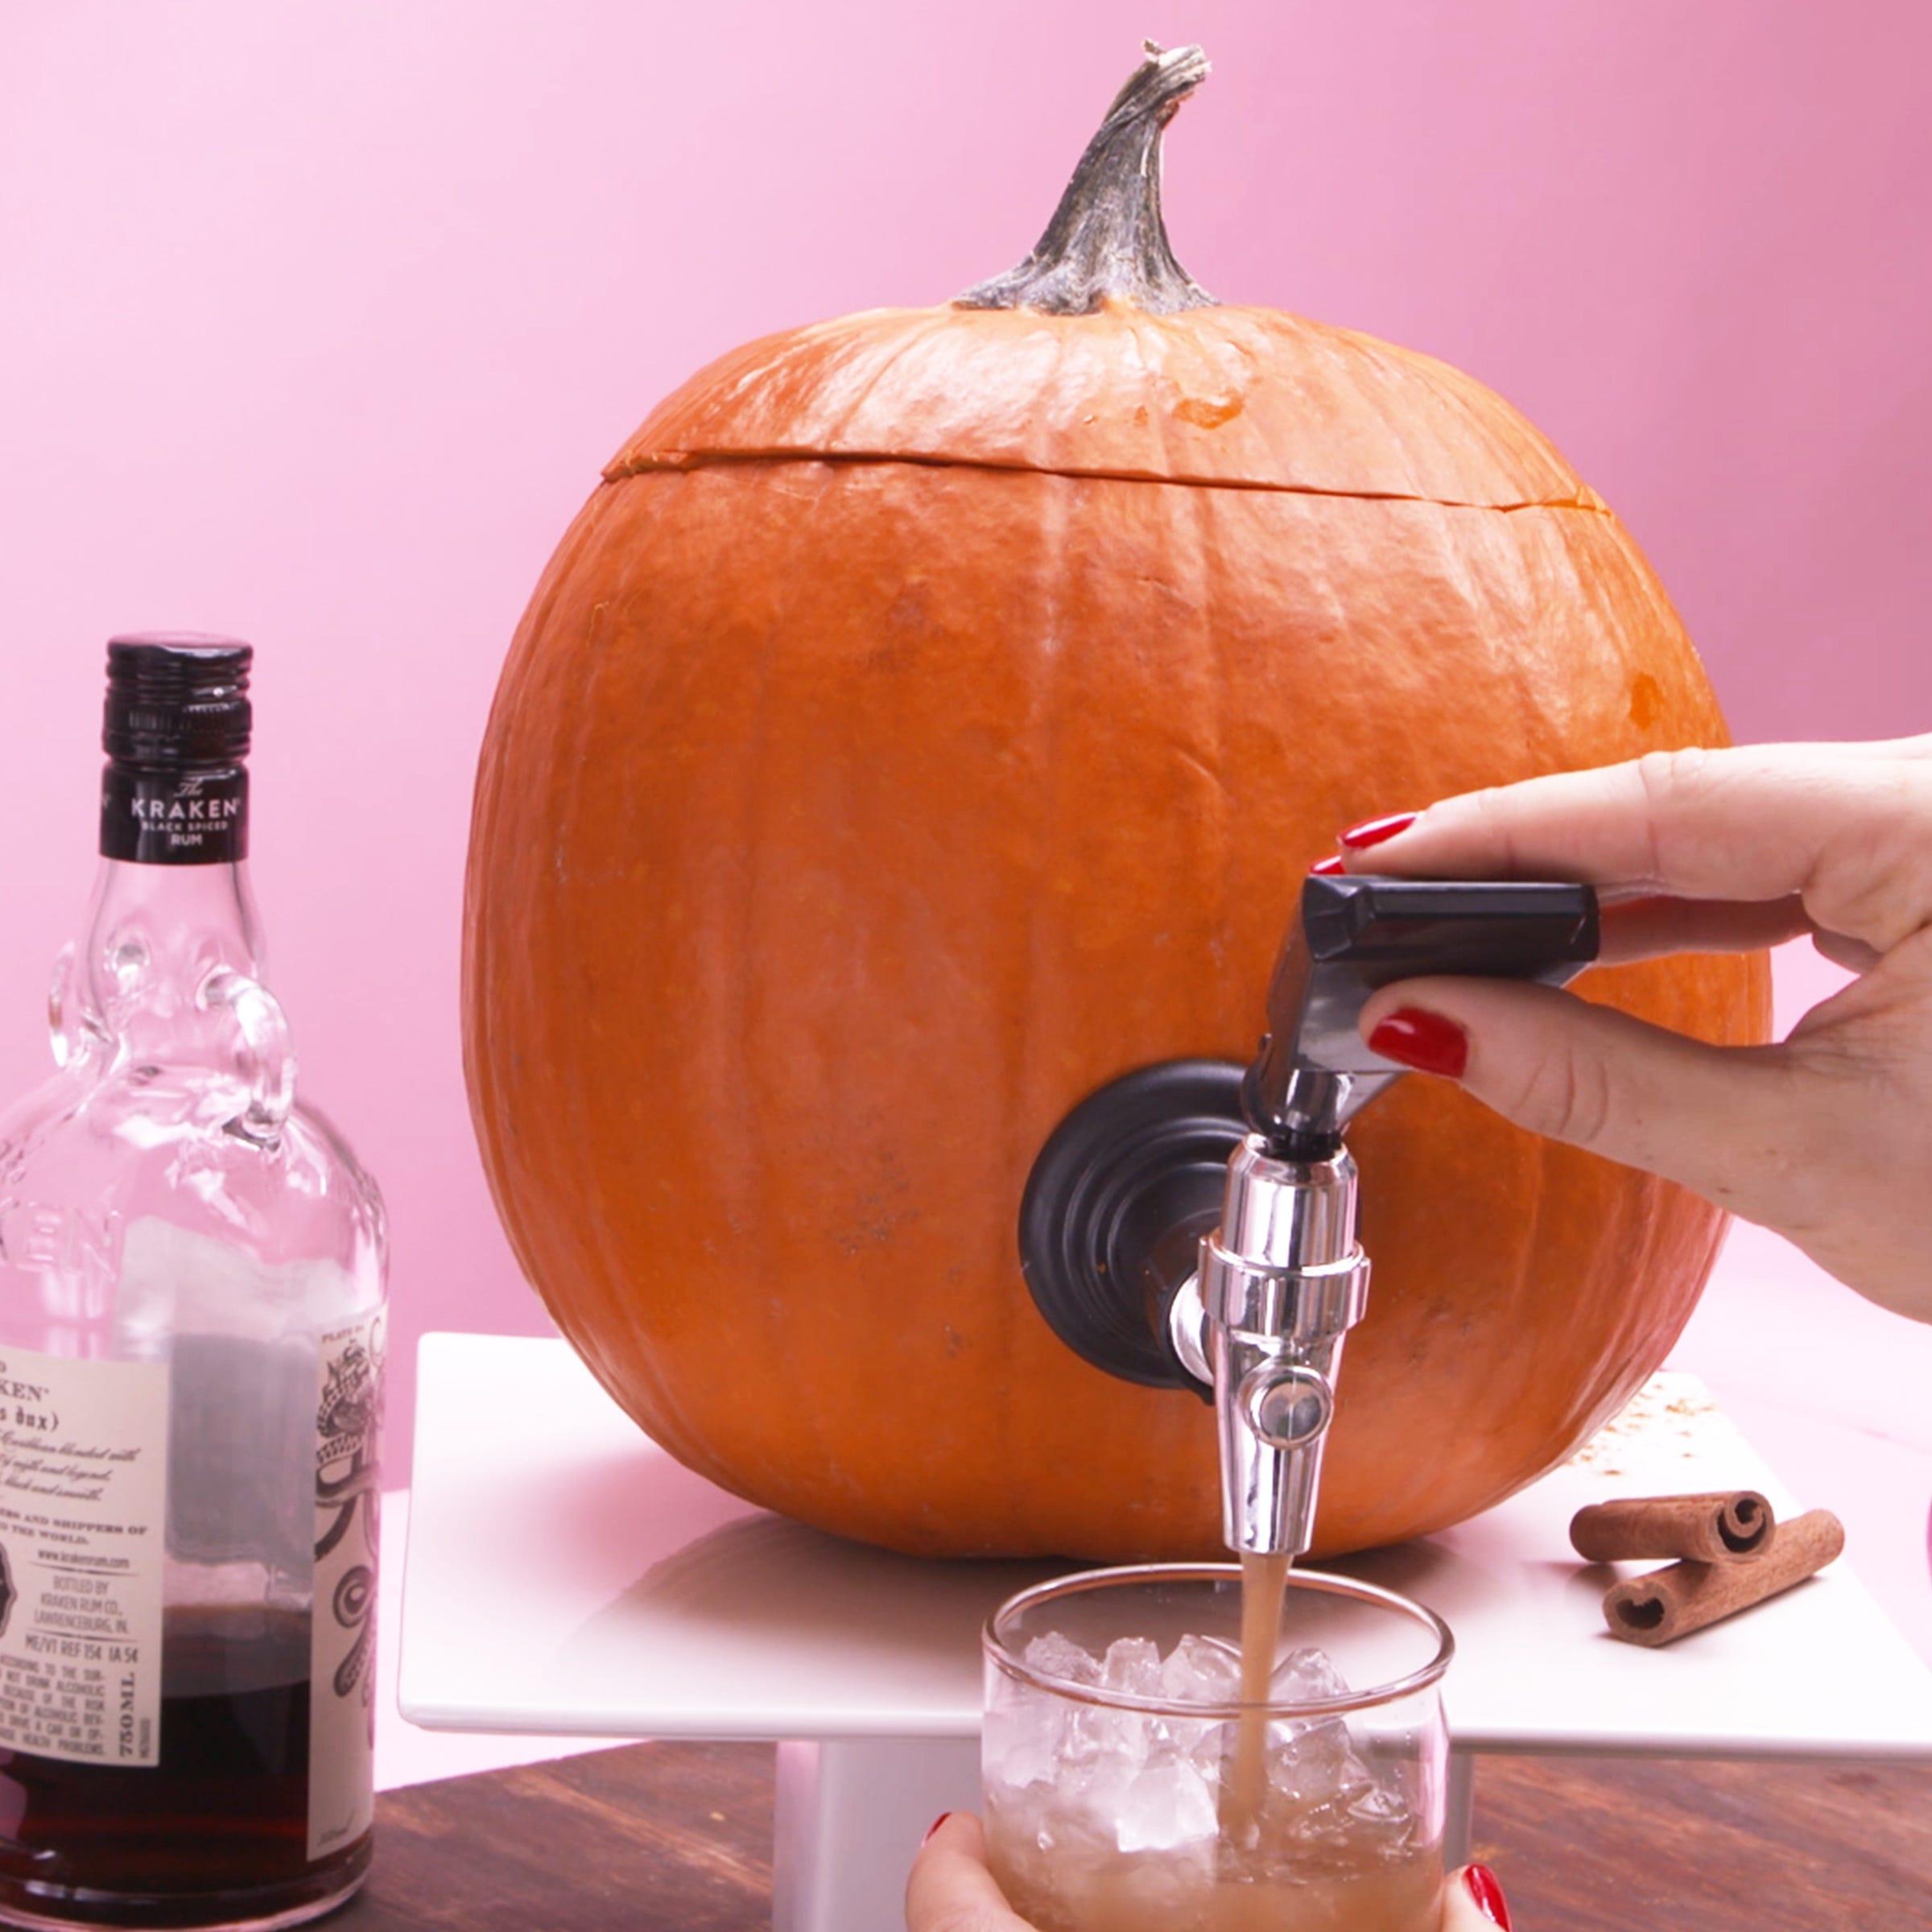 How To Make A Pumpkin Keg